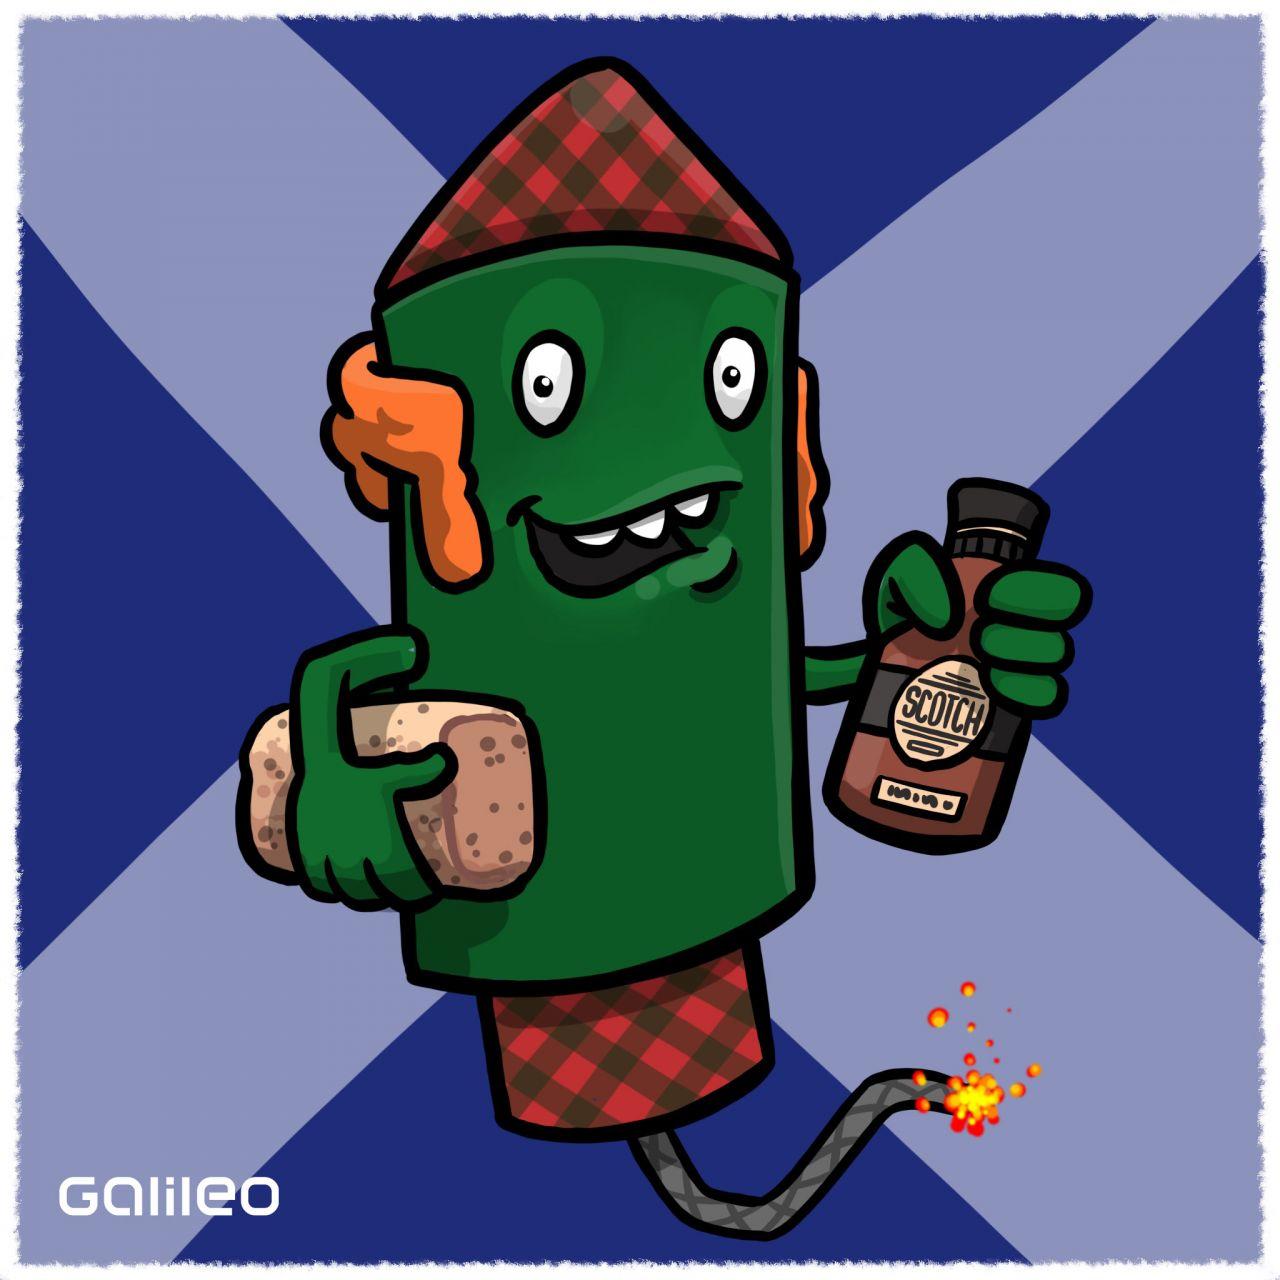 Schottland: Wenn um Mitternacht ein geliebter Mensch vor deiner Tür steht, der Whiskey, schwarze Kohle und Rosinenbrot dabei hat, dann rein mit ihm - das wird ein gutes Jahr.